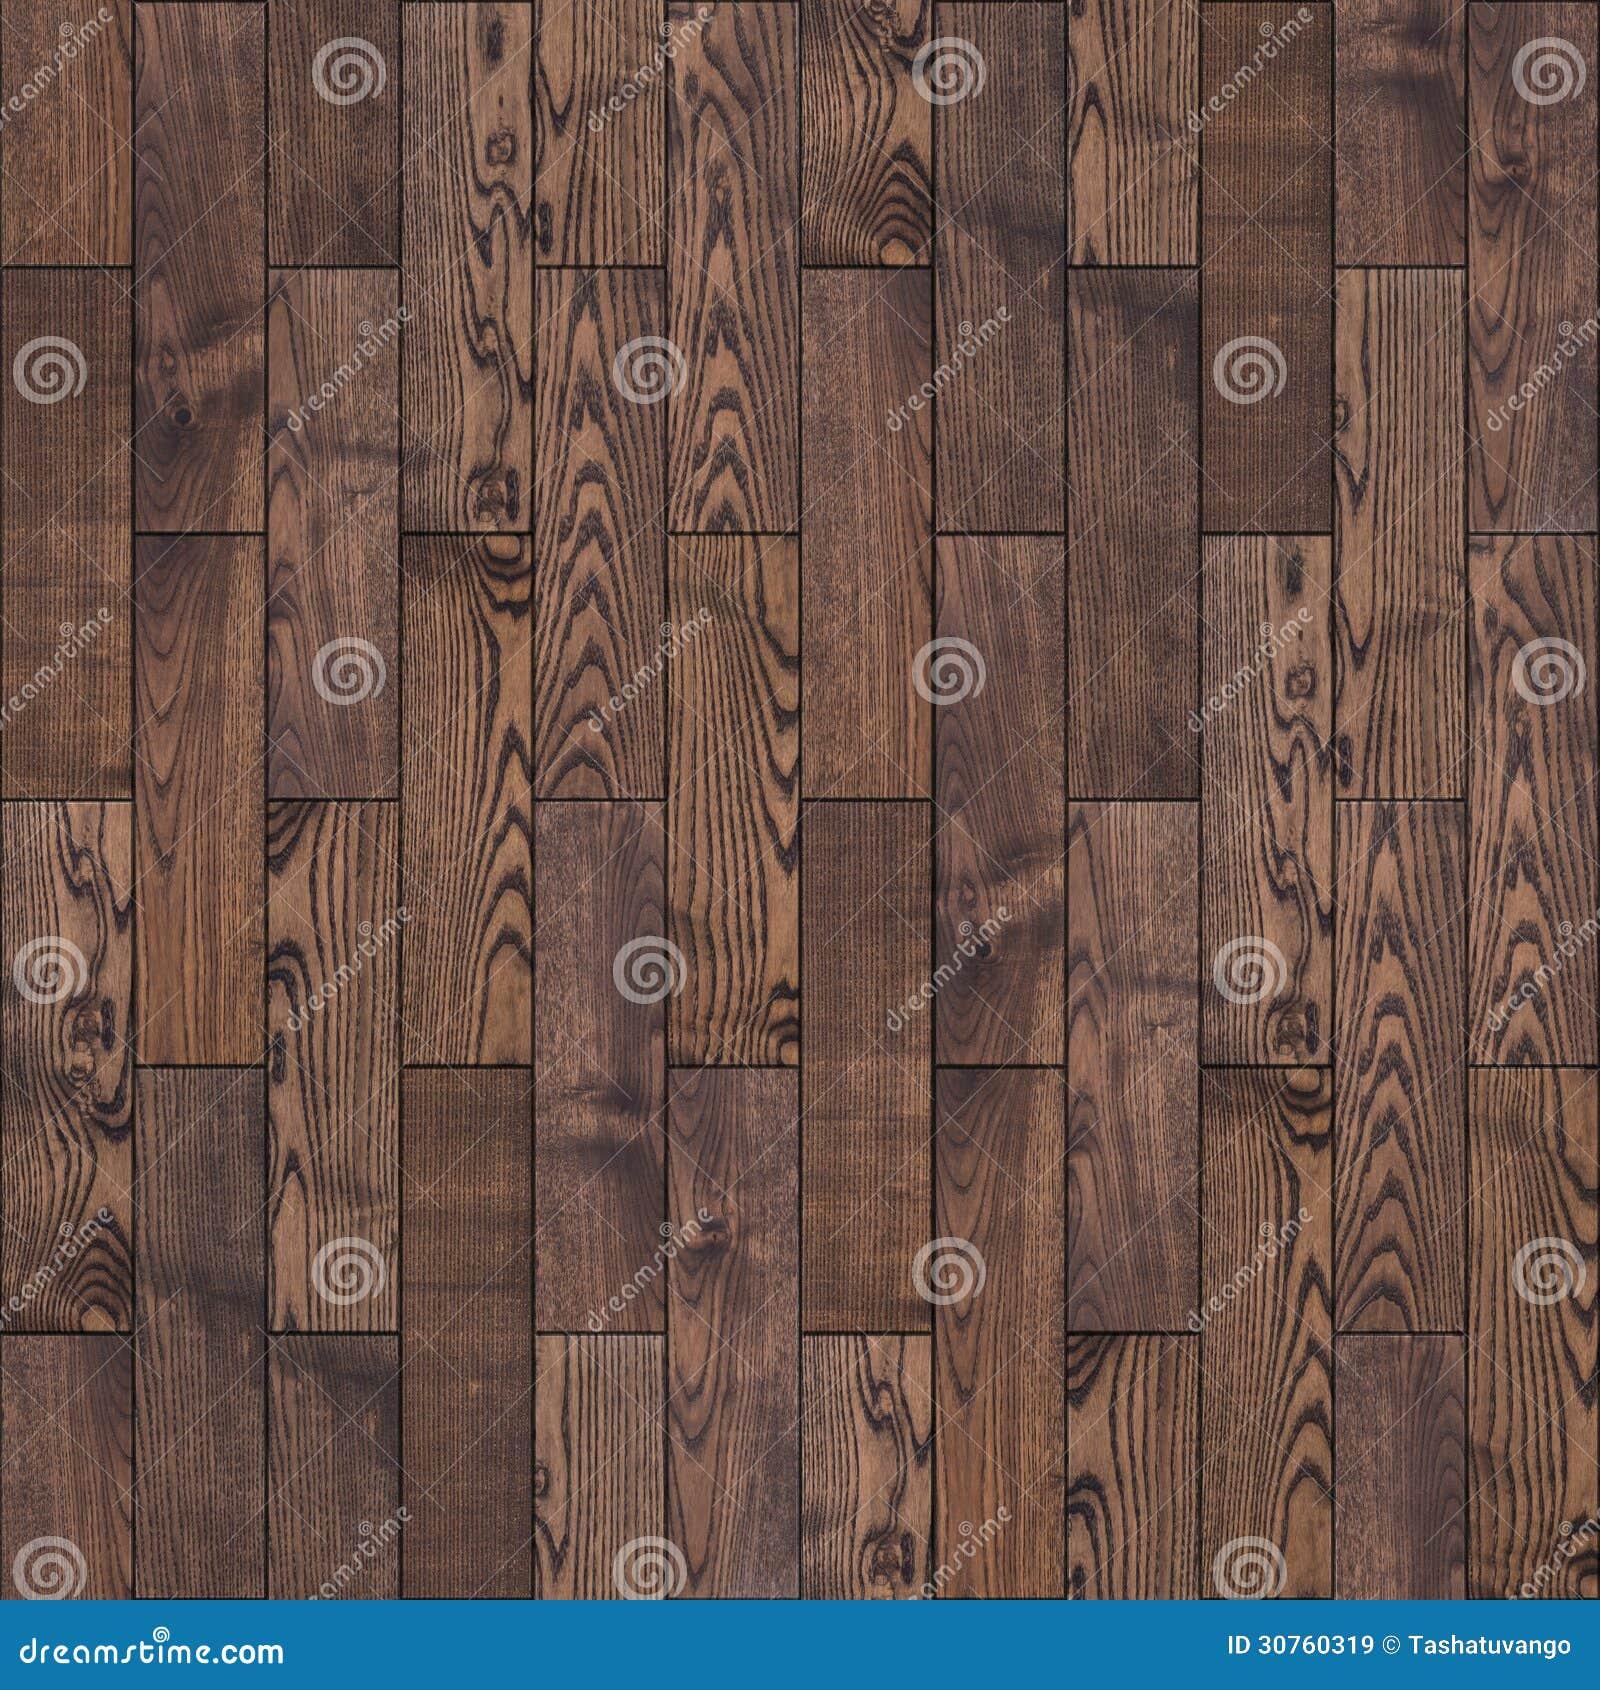 Bruine Houten Parketvloer. Naadloze Textuur.